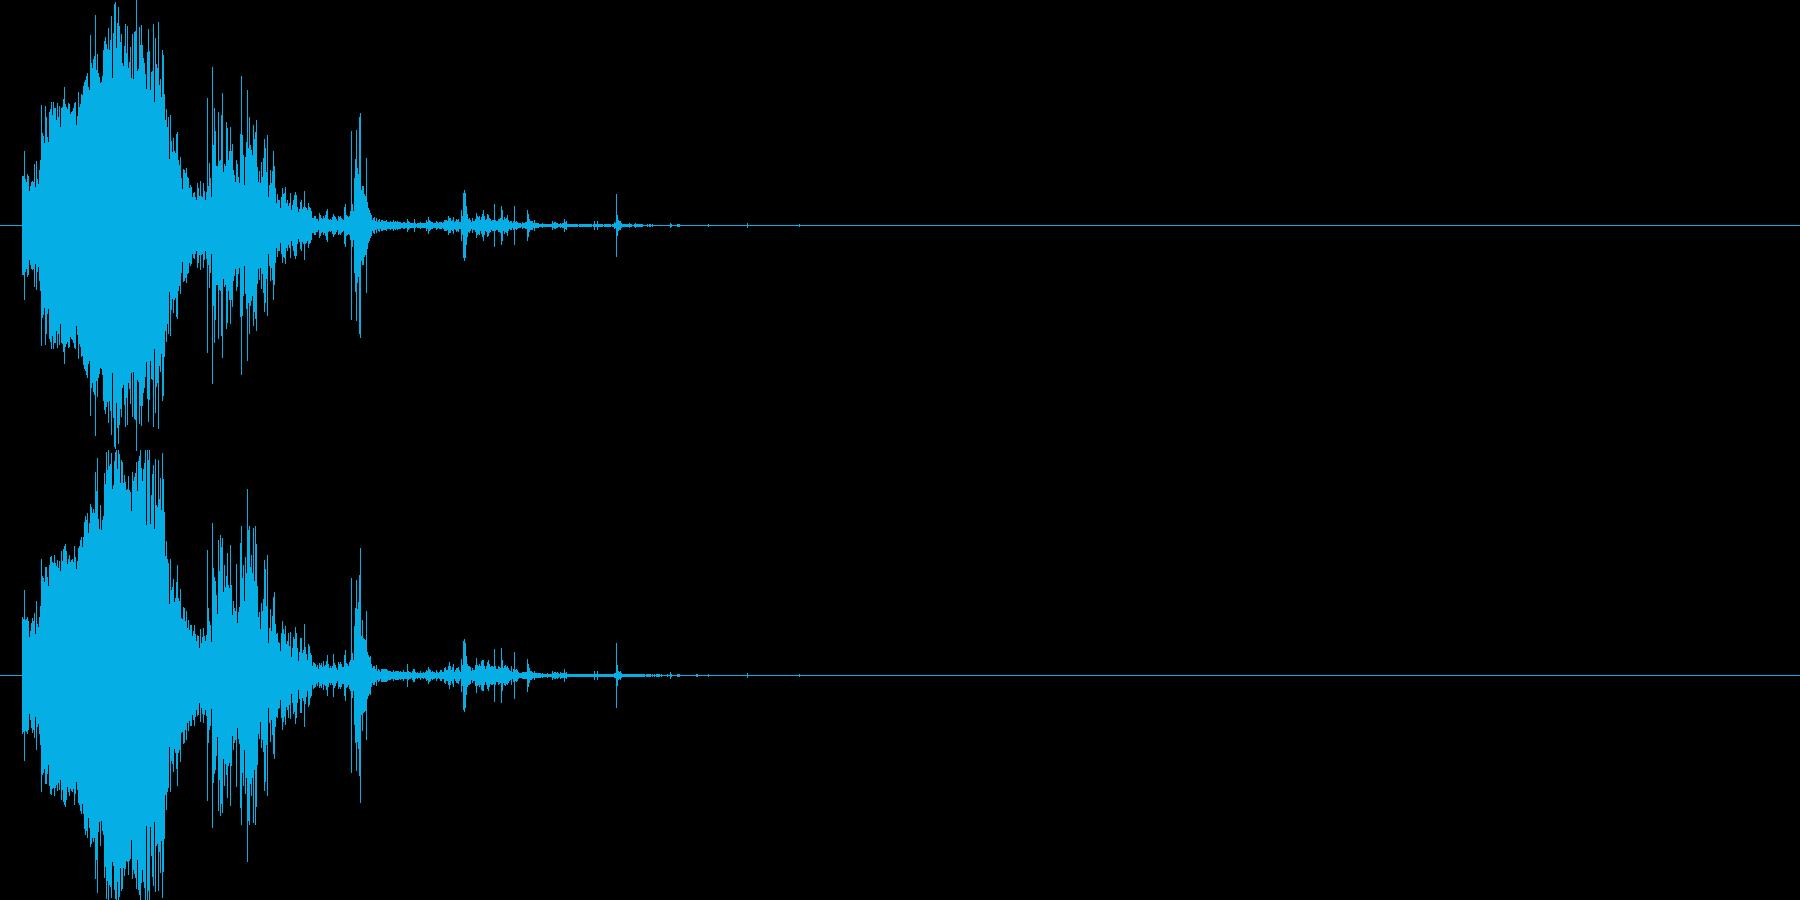 斬撃:軽めの斬撃2の再生済みの波形